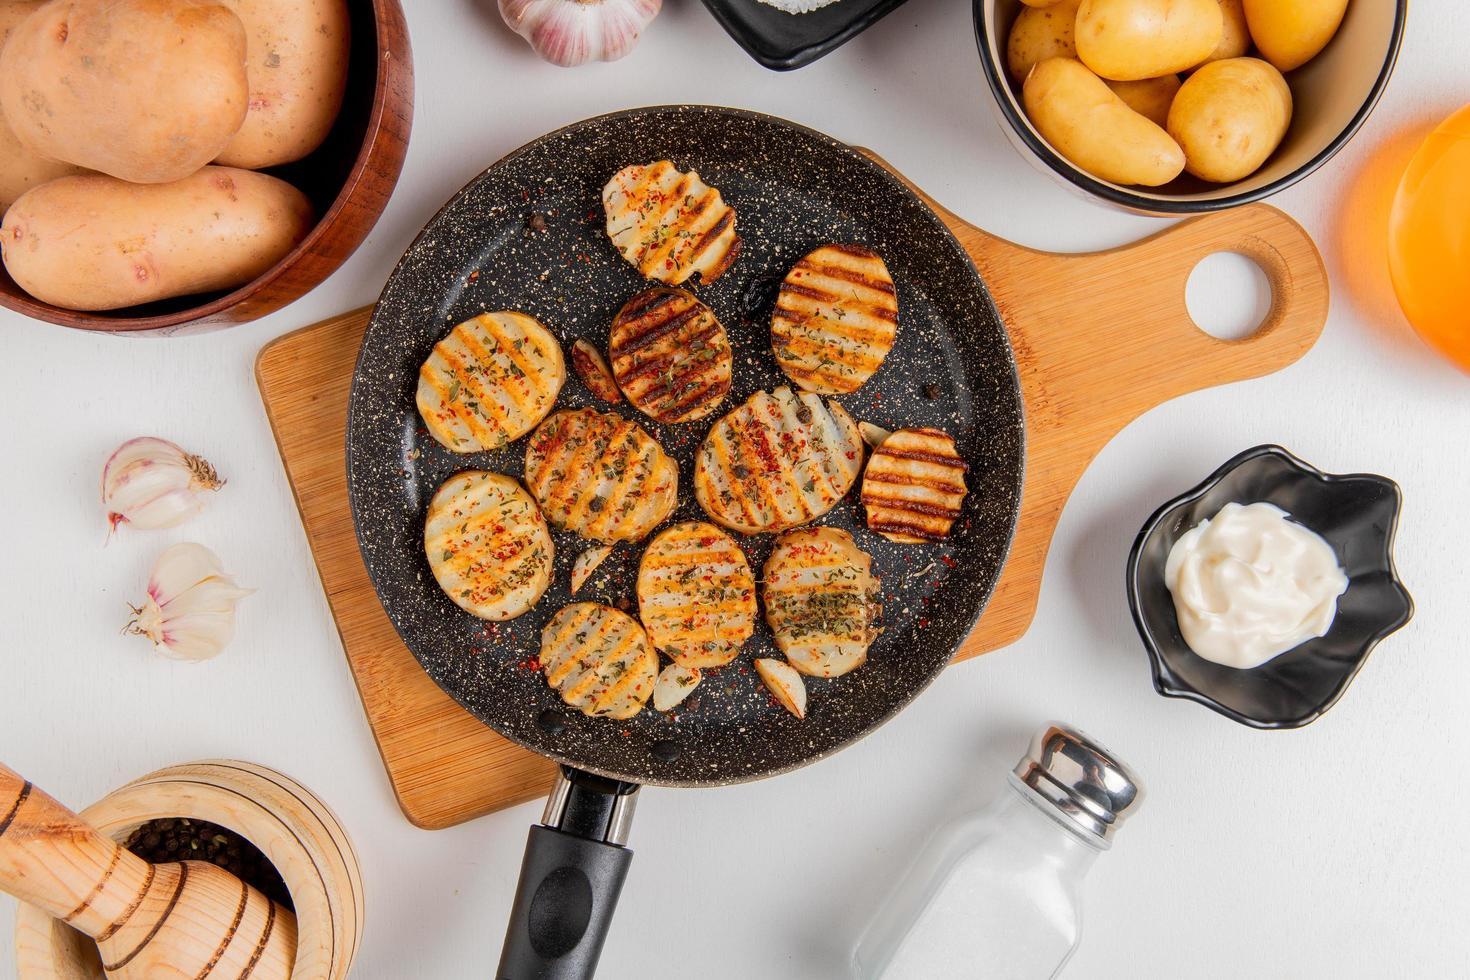 Bovenaanzicht van gebakken aardappelschijfjes in koekenpan op snijplank met ongekookte in kommen knoflookboter mayonaise zout en zwarte peper op witte achtergrond foto